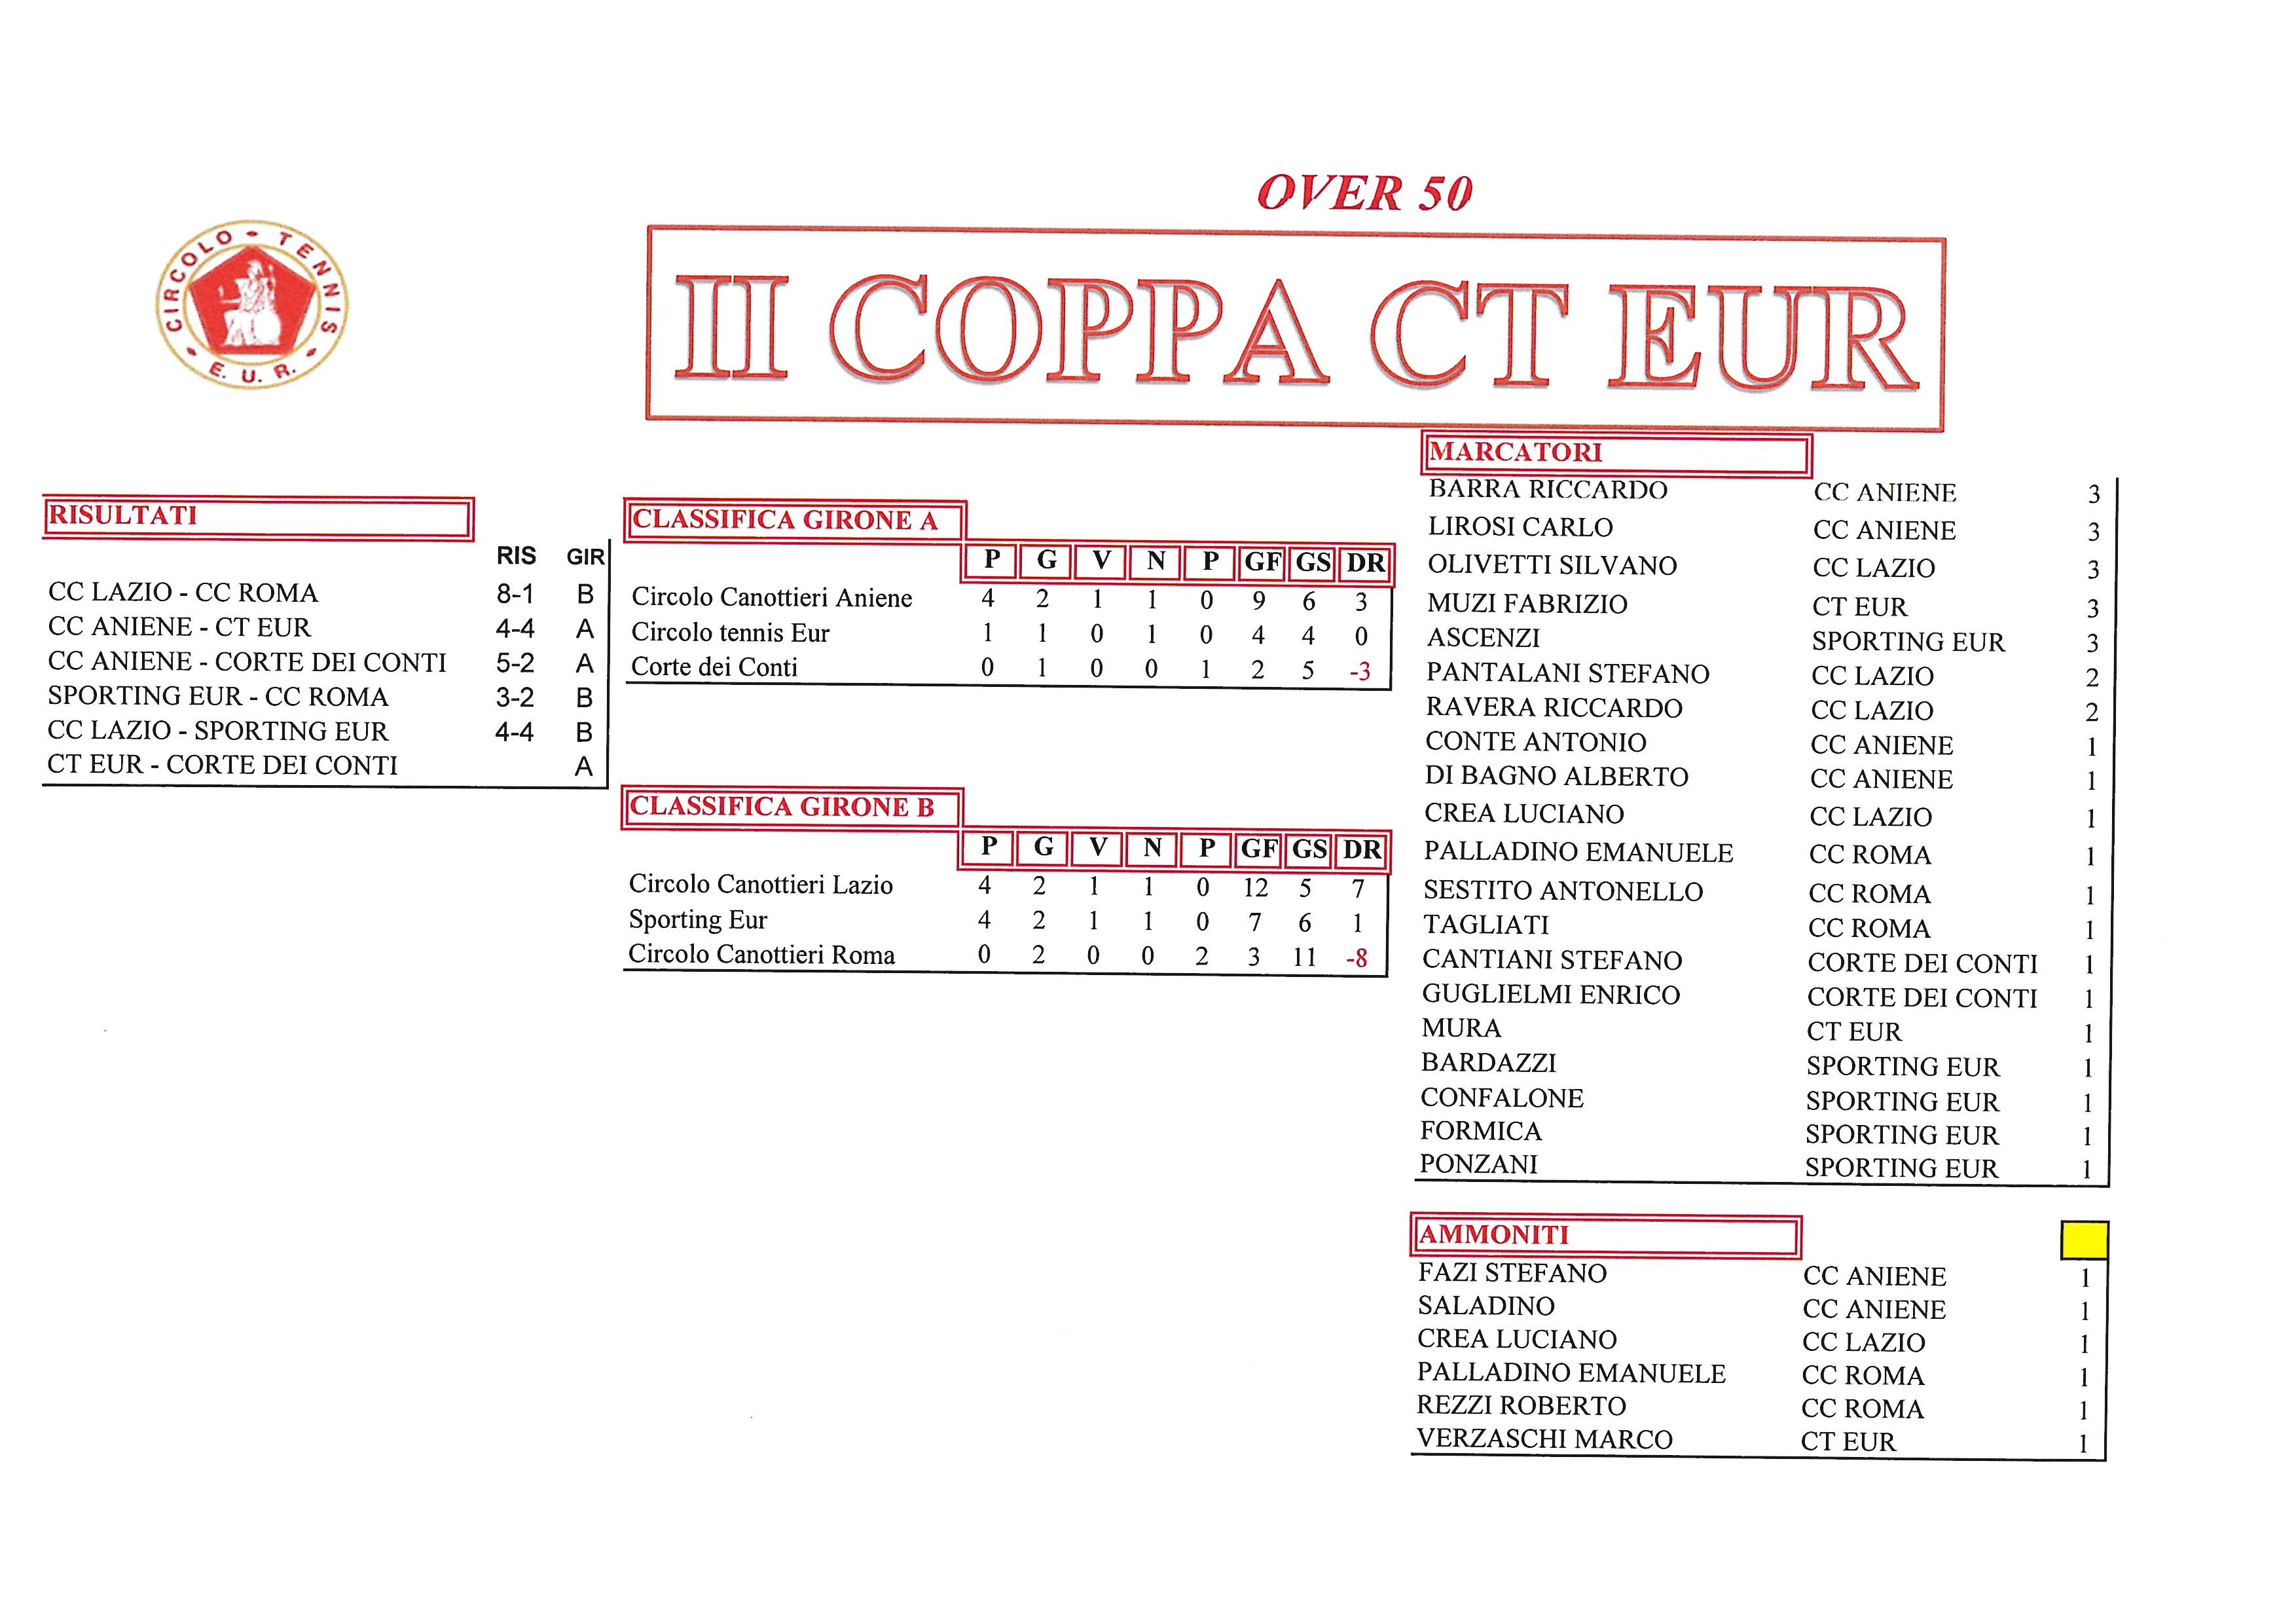 Coppa-CT-Eur-risultati-del-2-ottobre-2017-Over-50